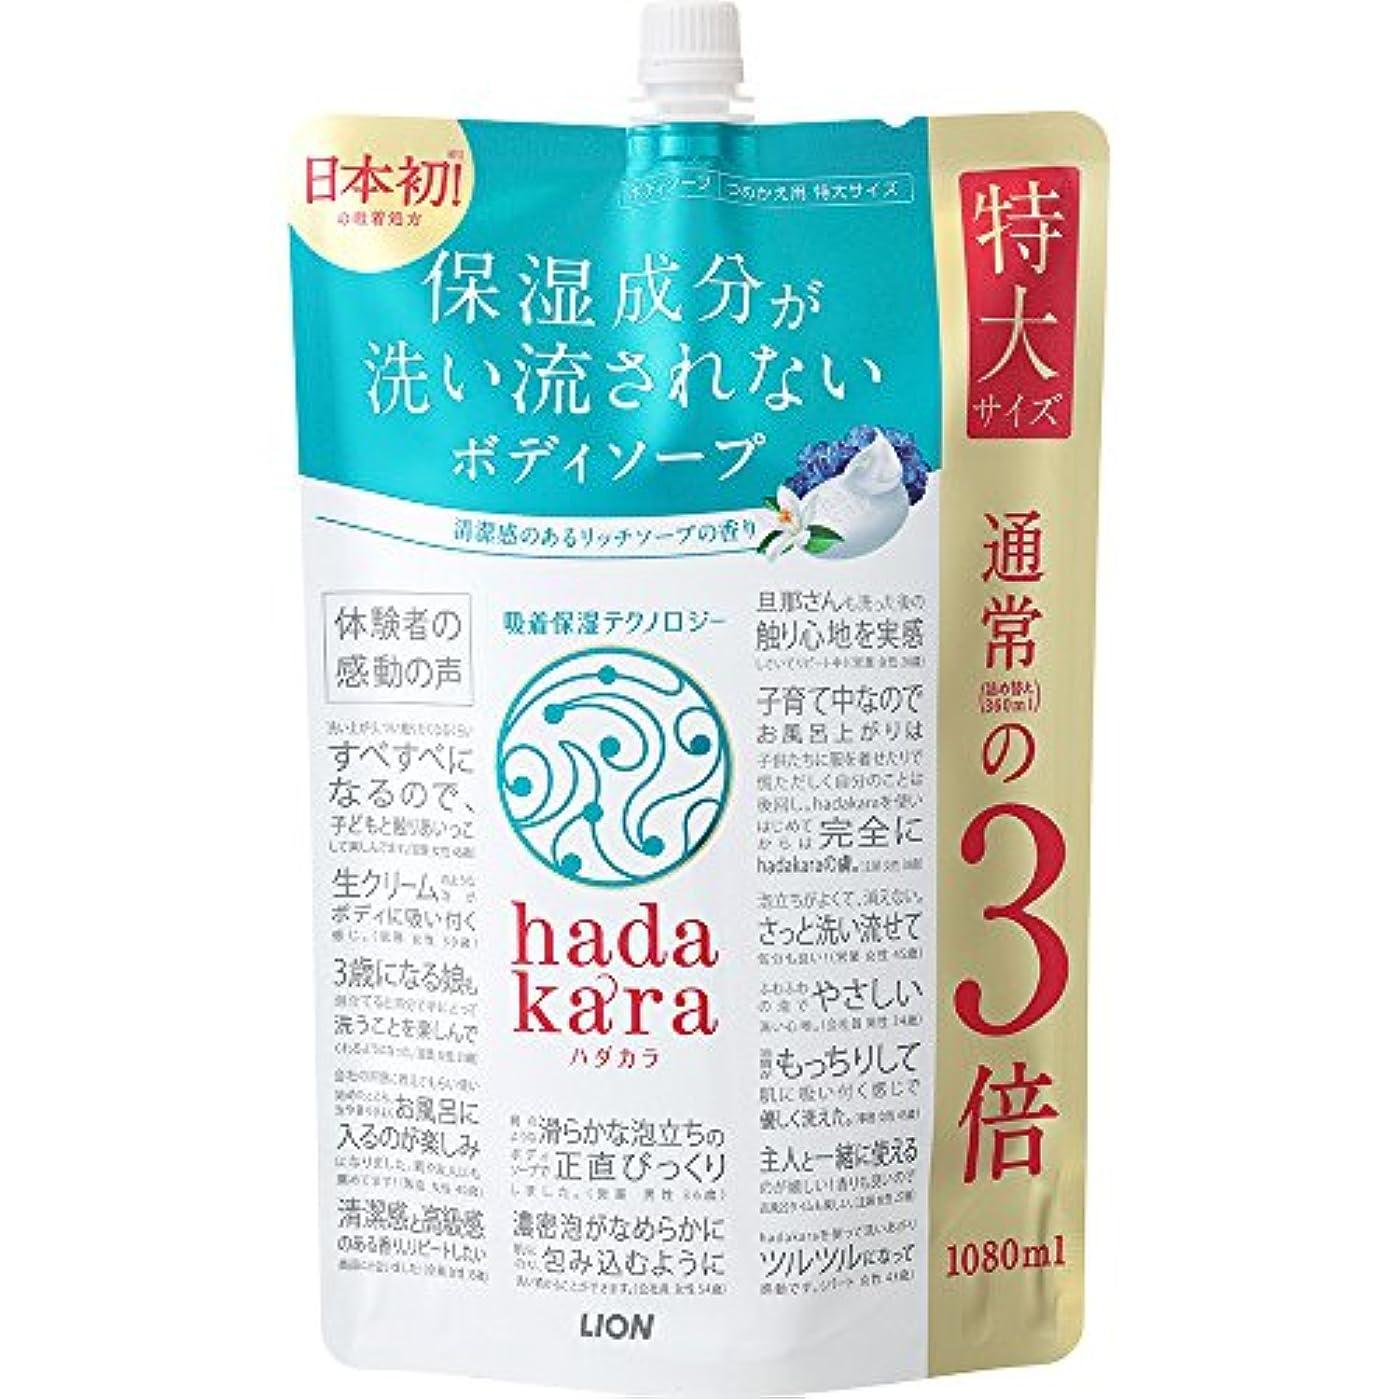 時間通りマザーランド【大容量】hadakara(ハダカラ) ボディソープ リッチソープの香り 詰め替え 特大 1080ml